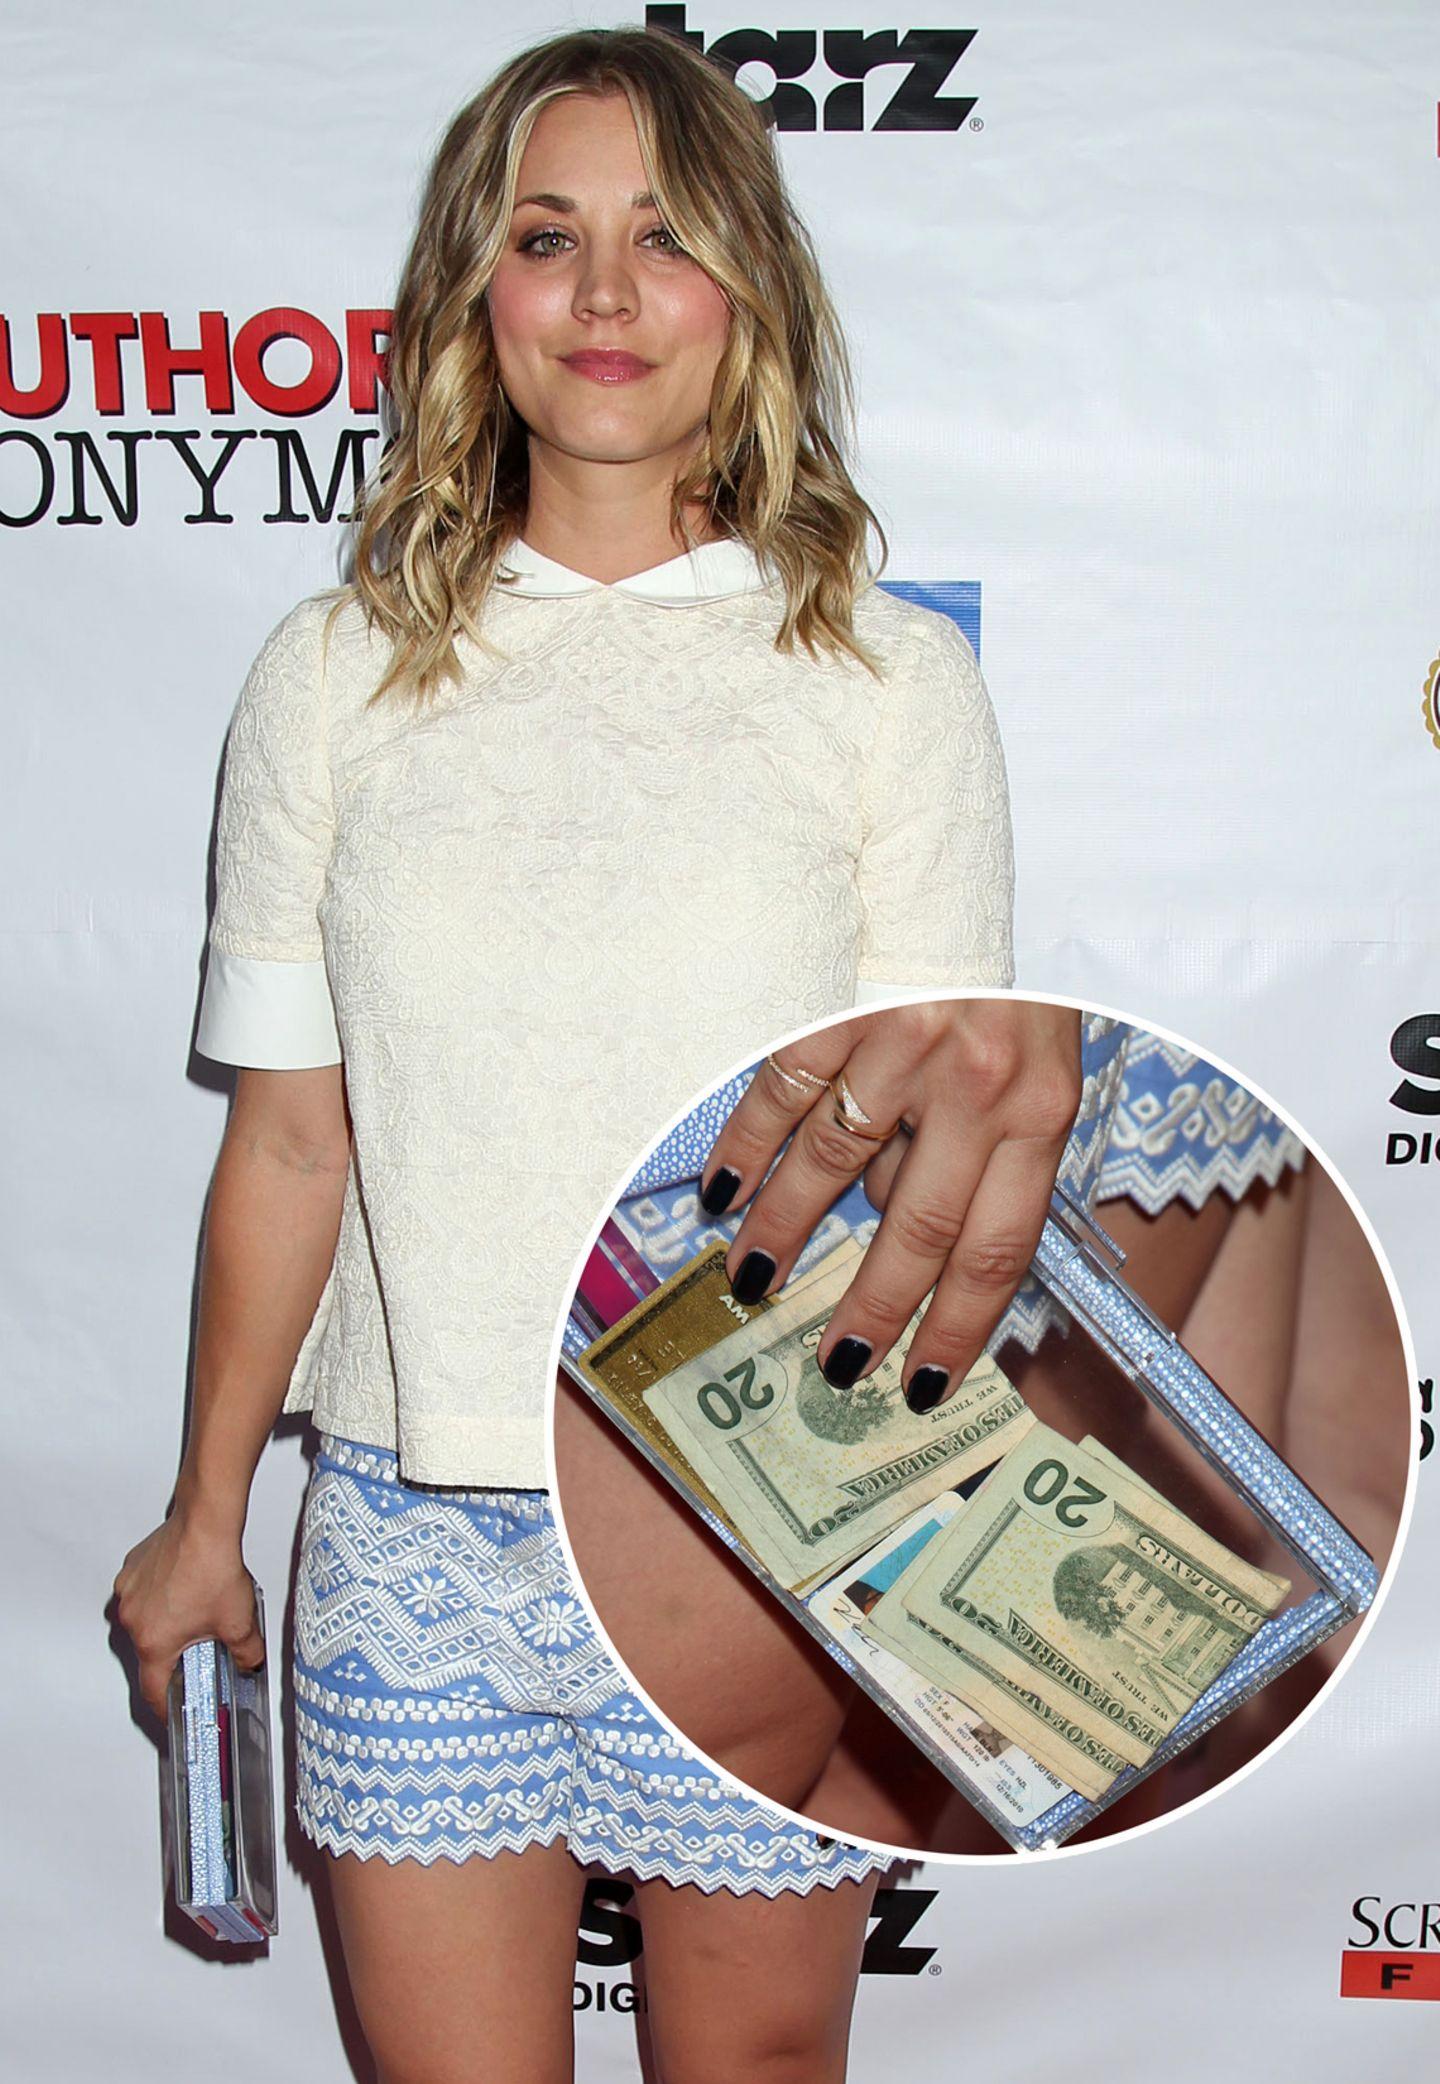 Ein Lipgloss, ein paar Dollar-Scheine und die Kreditkarte - Kaley Couco muss ihre Clutch aus Plexiglas nicht einmal öffnen, um zu wissen, was drin ist.